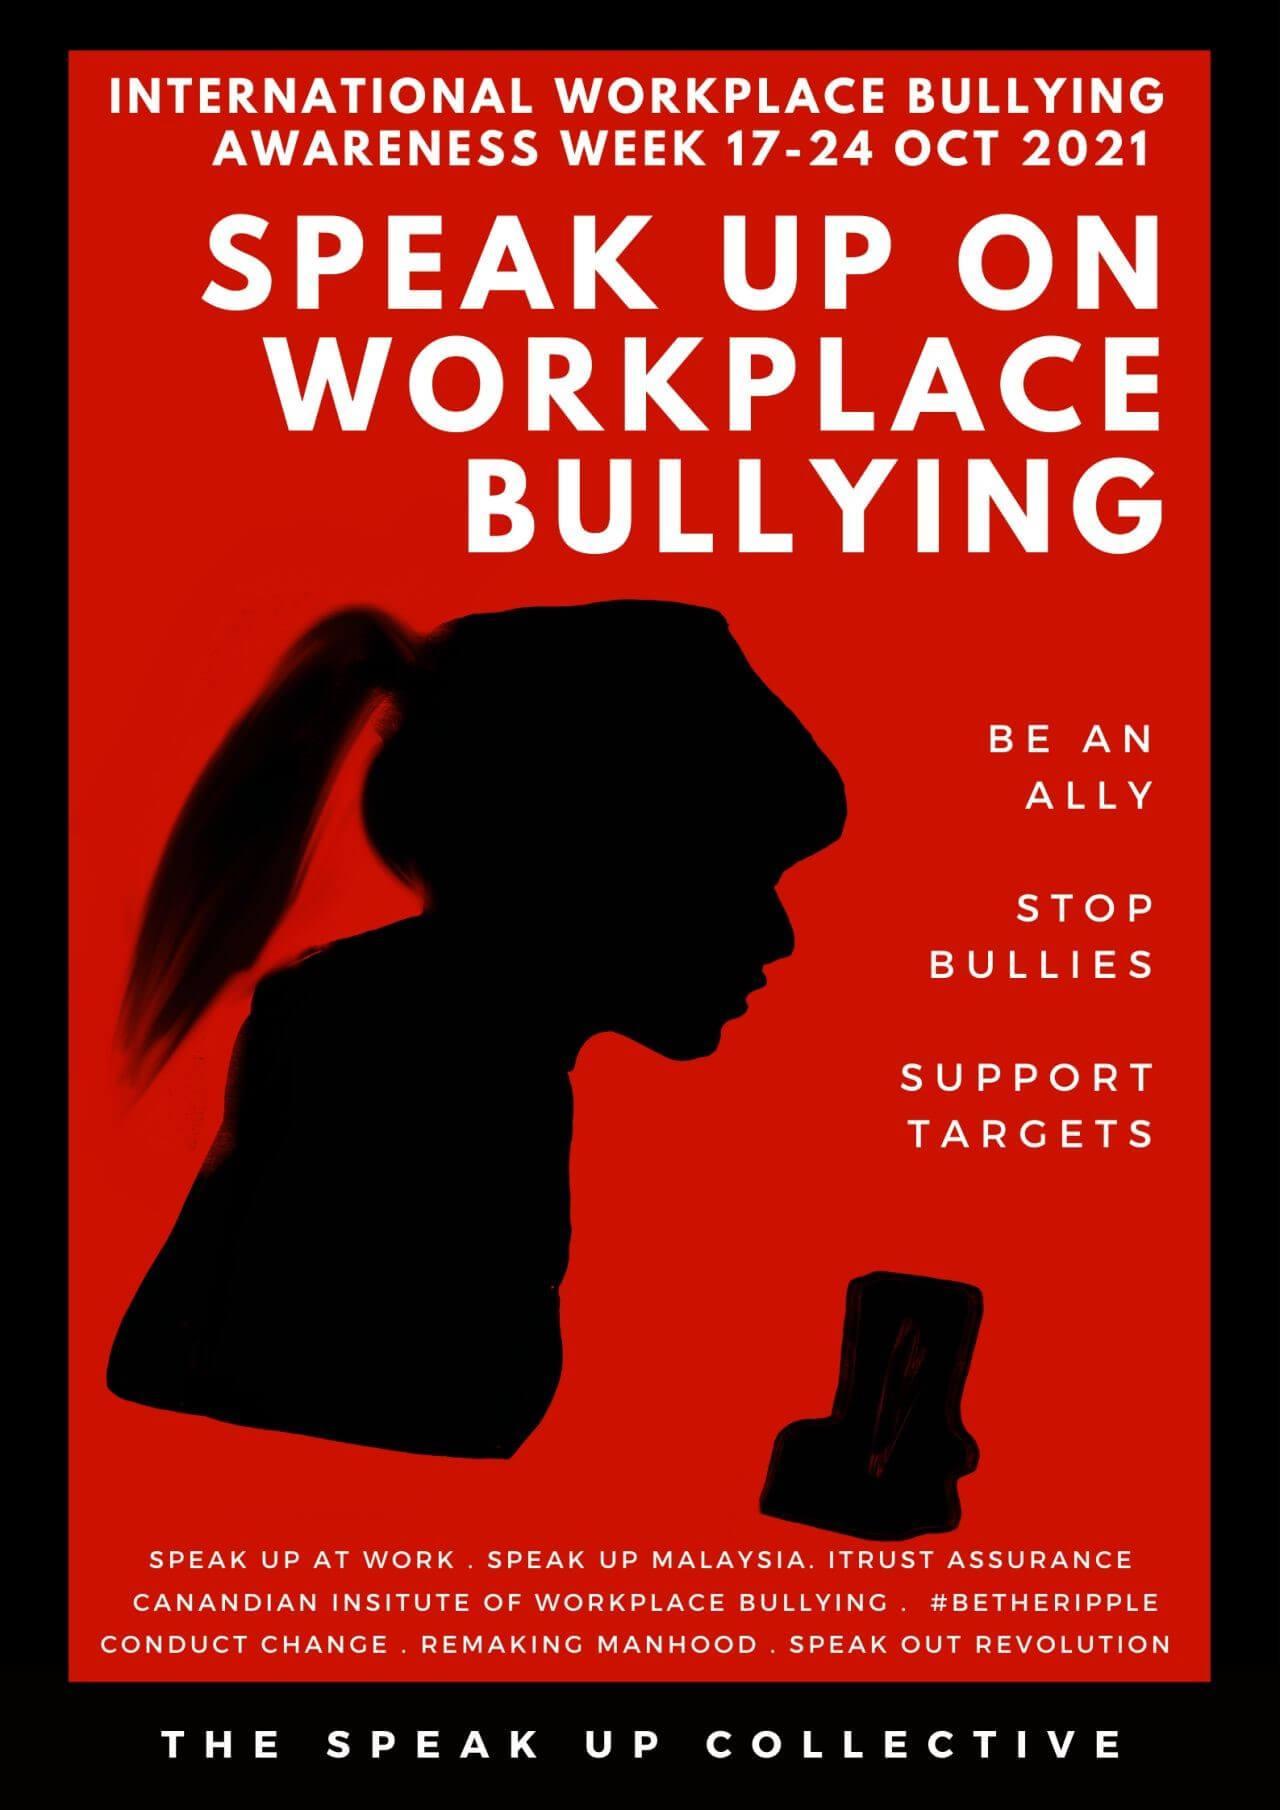 Workplace Bullying Awareness Week 2021, Malaysia